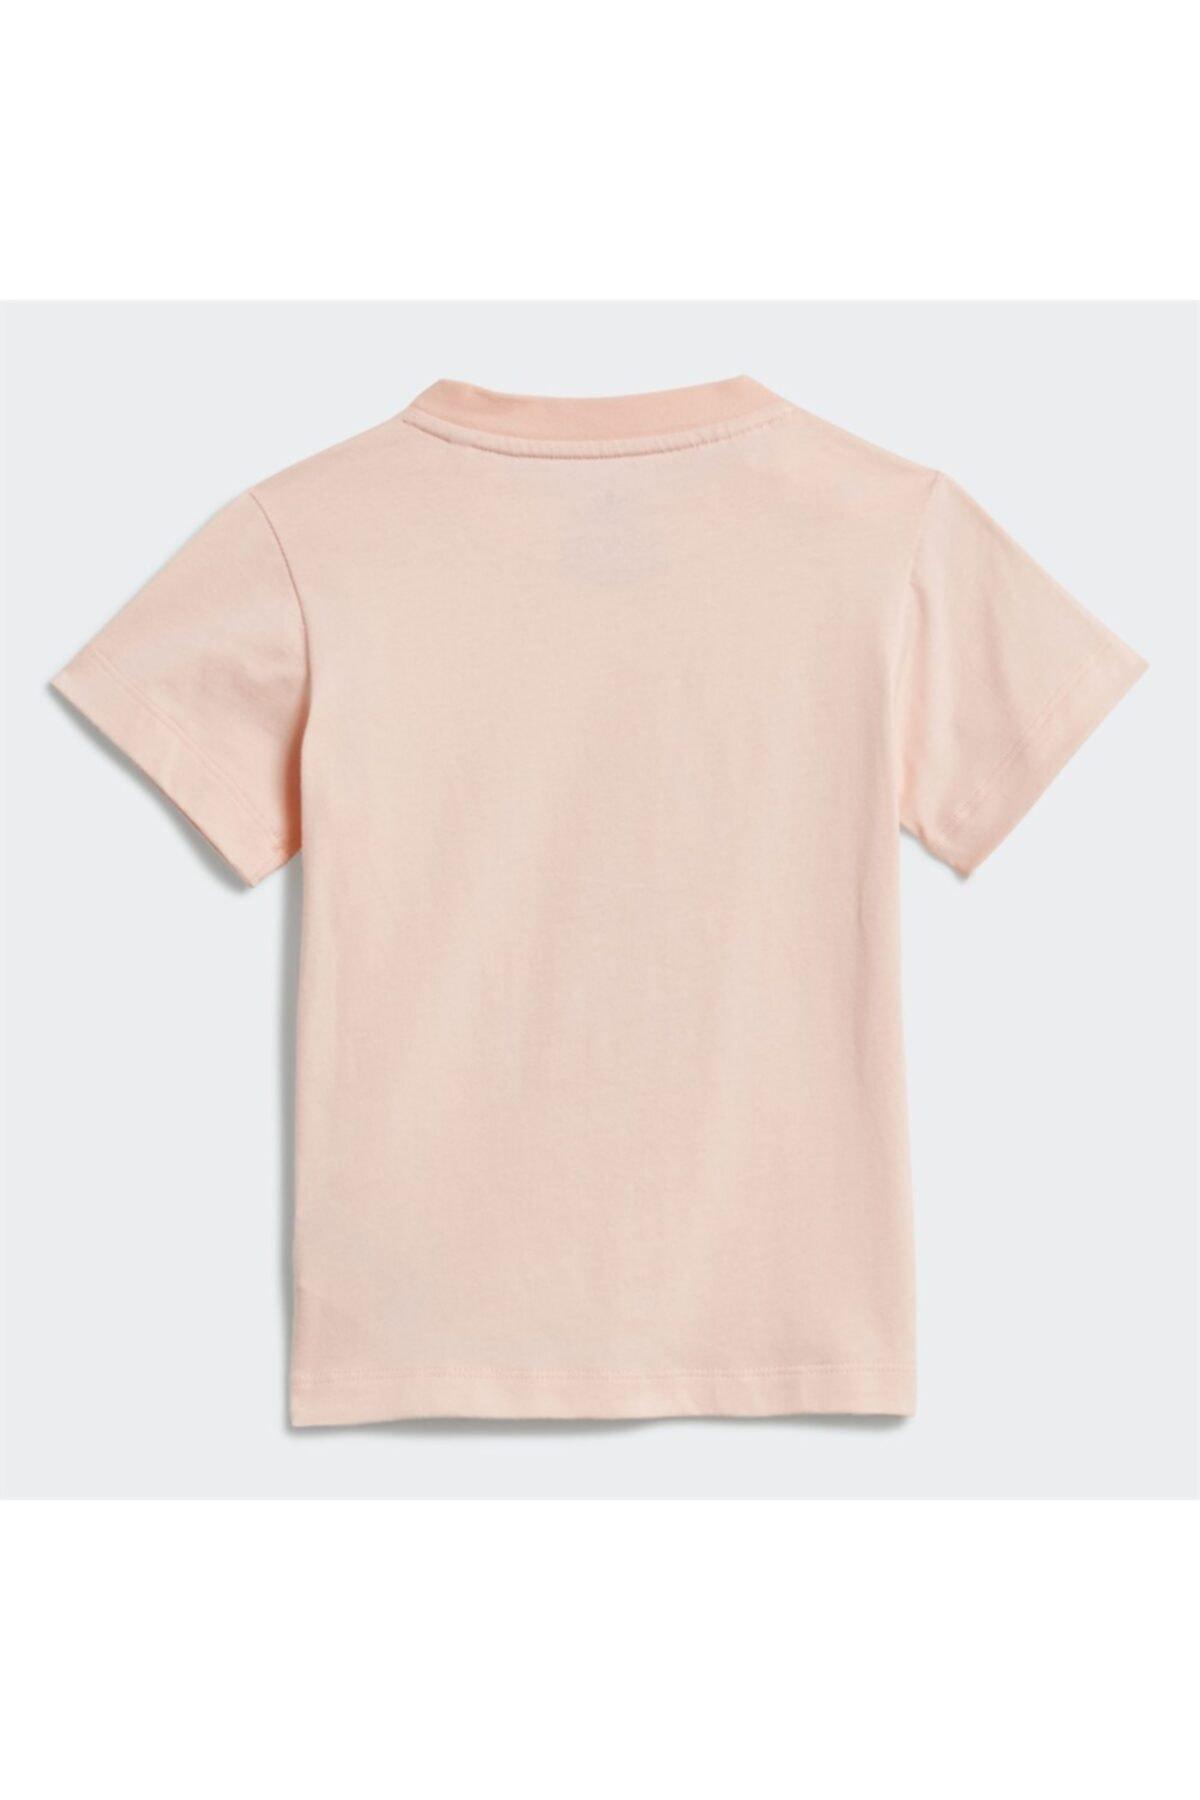 adidas Tref Tee Kız Çocuk Tshirt